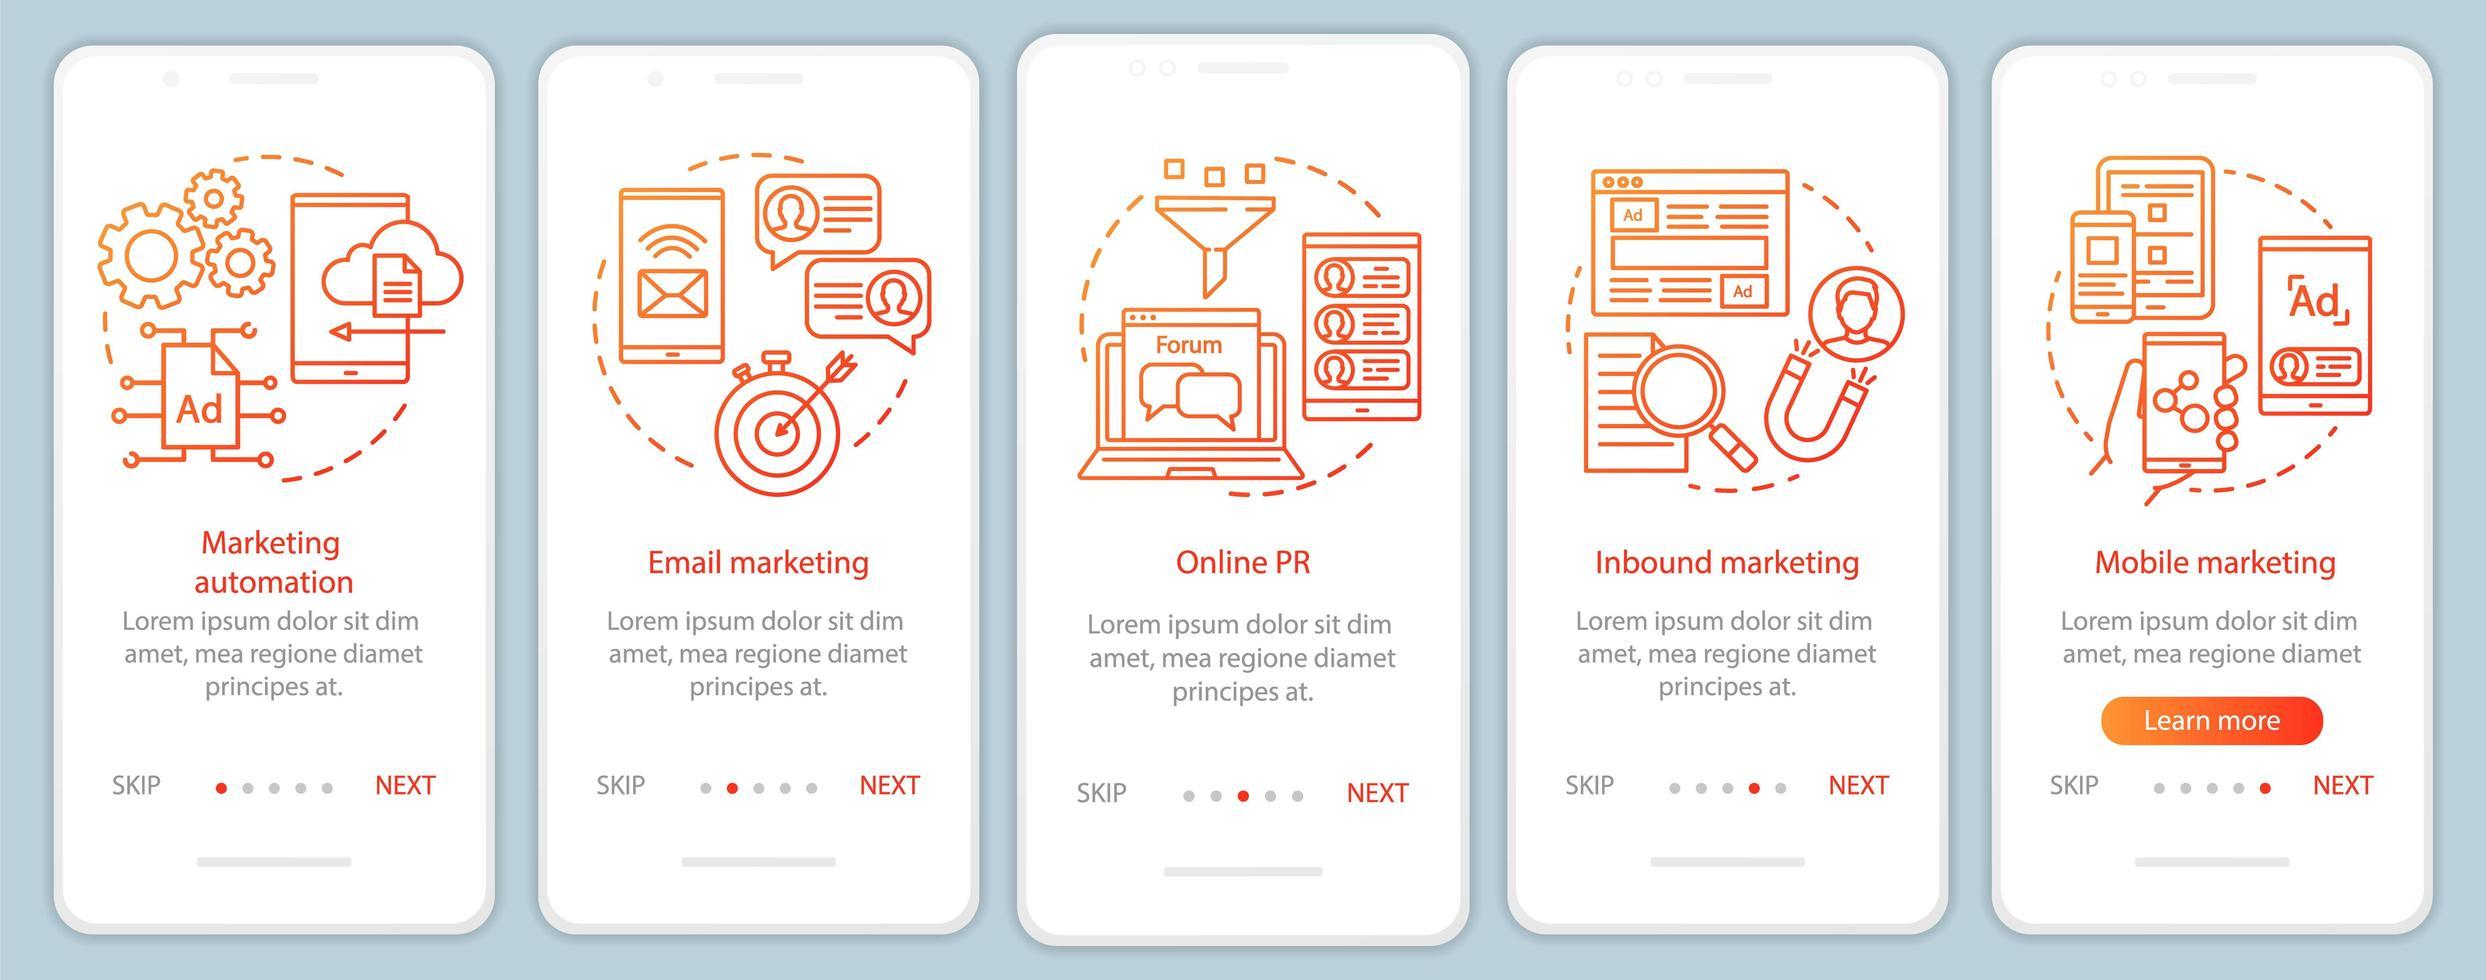 Digital marketing tactics orange onboarding screens vector